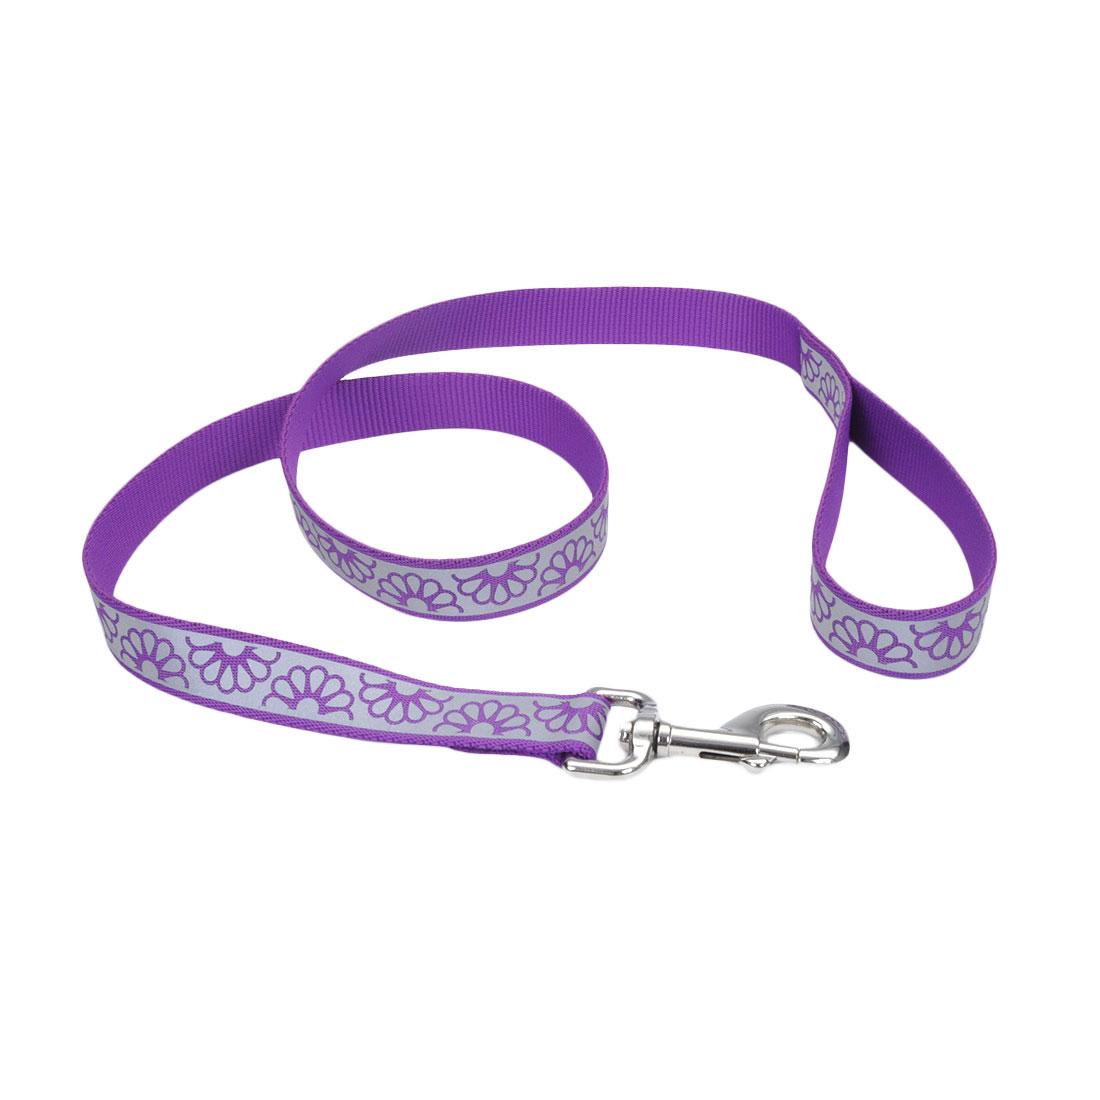 Lazer Brite Reflective Open-Design Dog Leash, Purple Daisy, 1-in x 4-ft